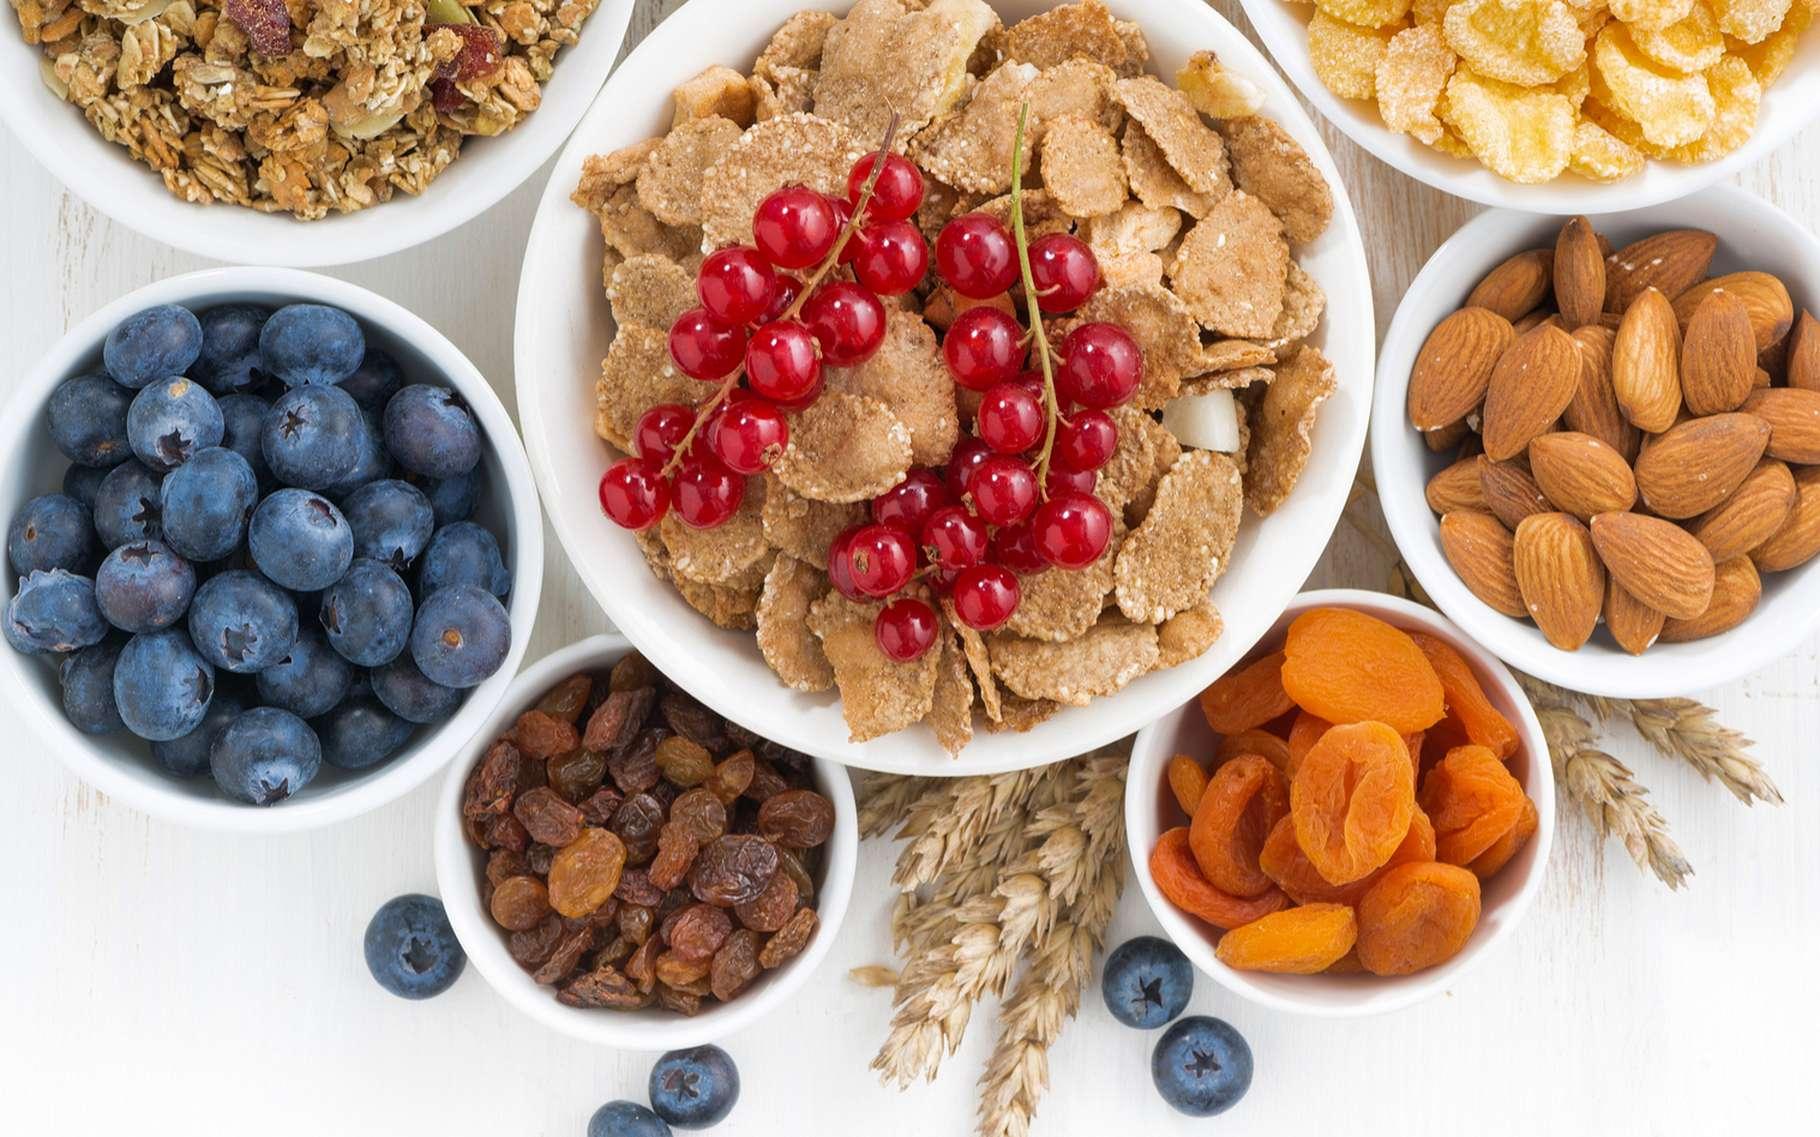 Les autorités sanitaires recommandent de consommer 30 g de fibres quotidiennement. © Yulia Davidovich, Shutterstock